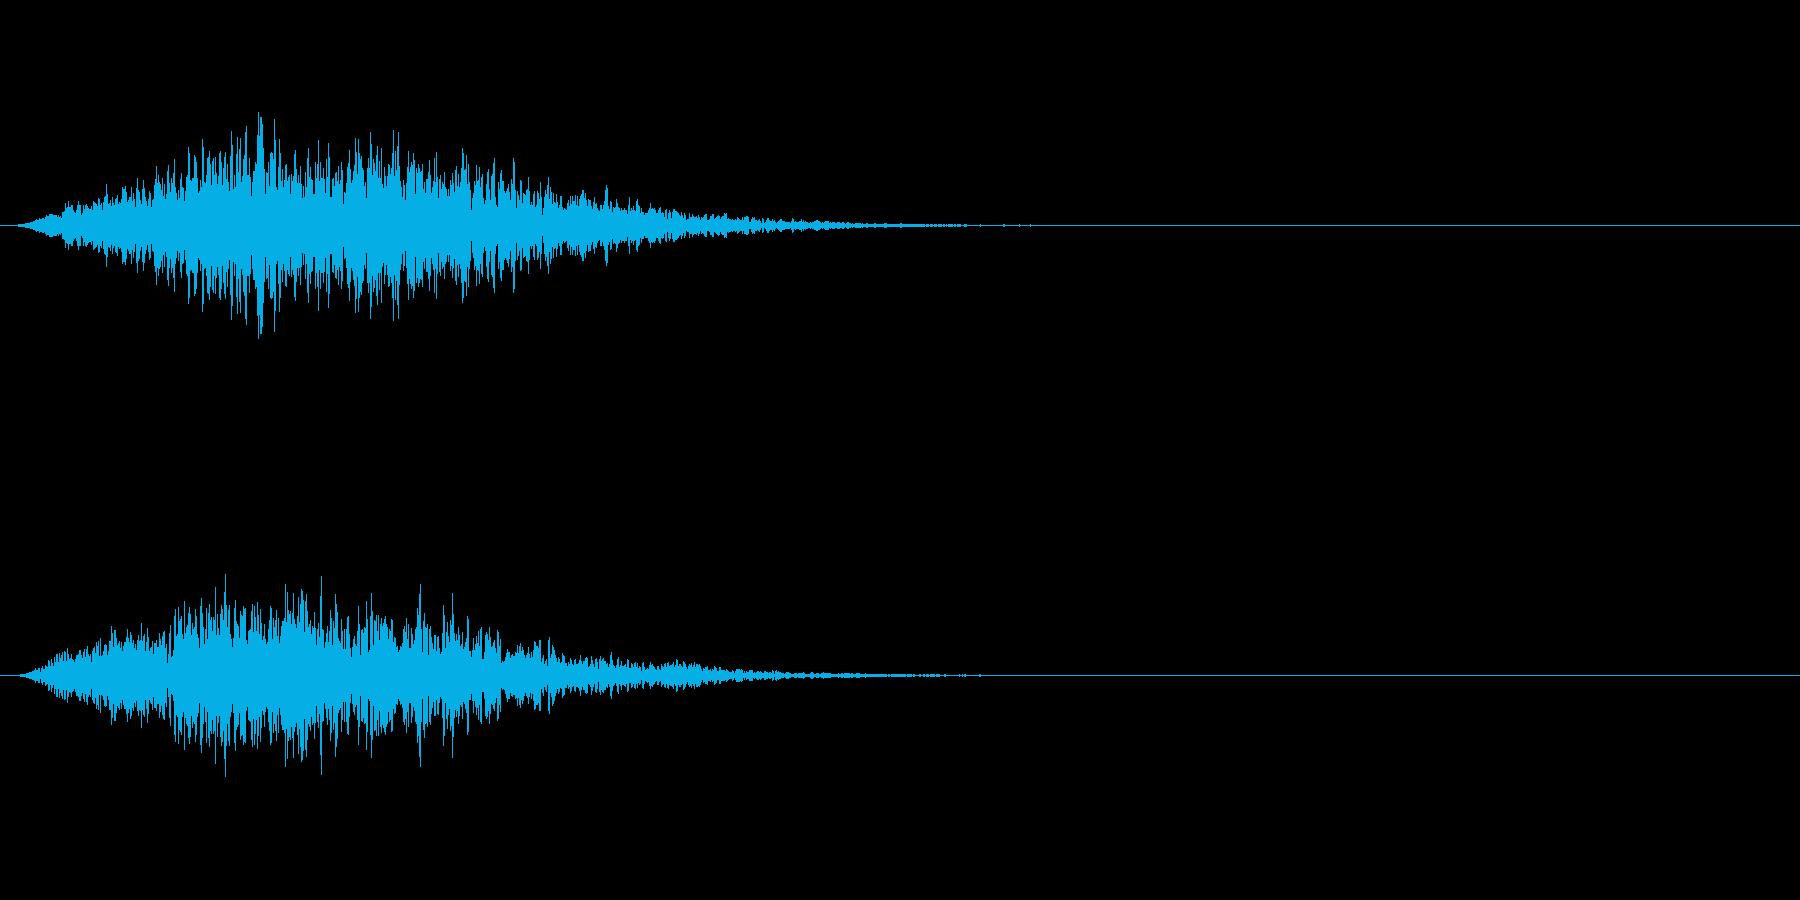 ゴーストの遠くから聞こえる叫び声の再生済みの波形